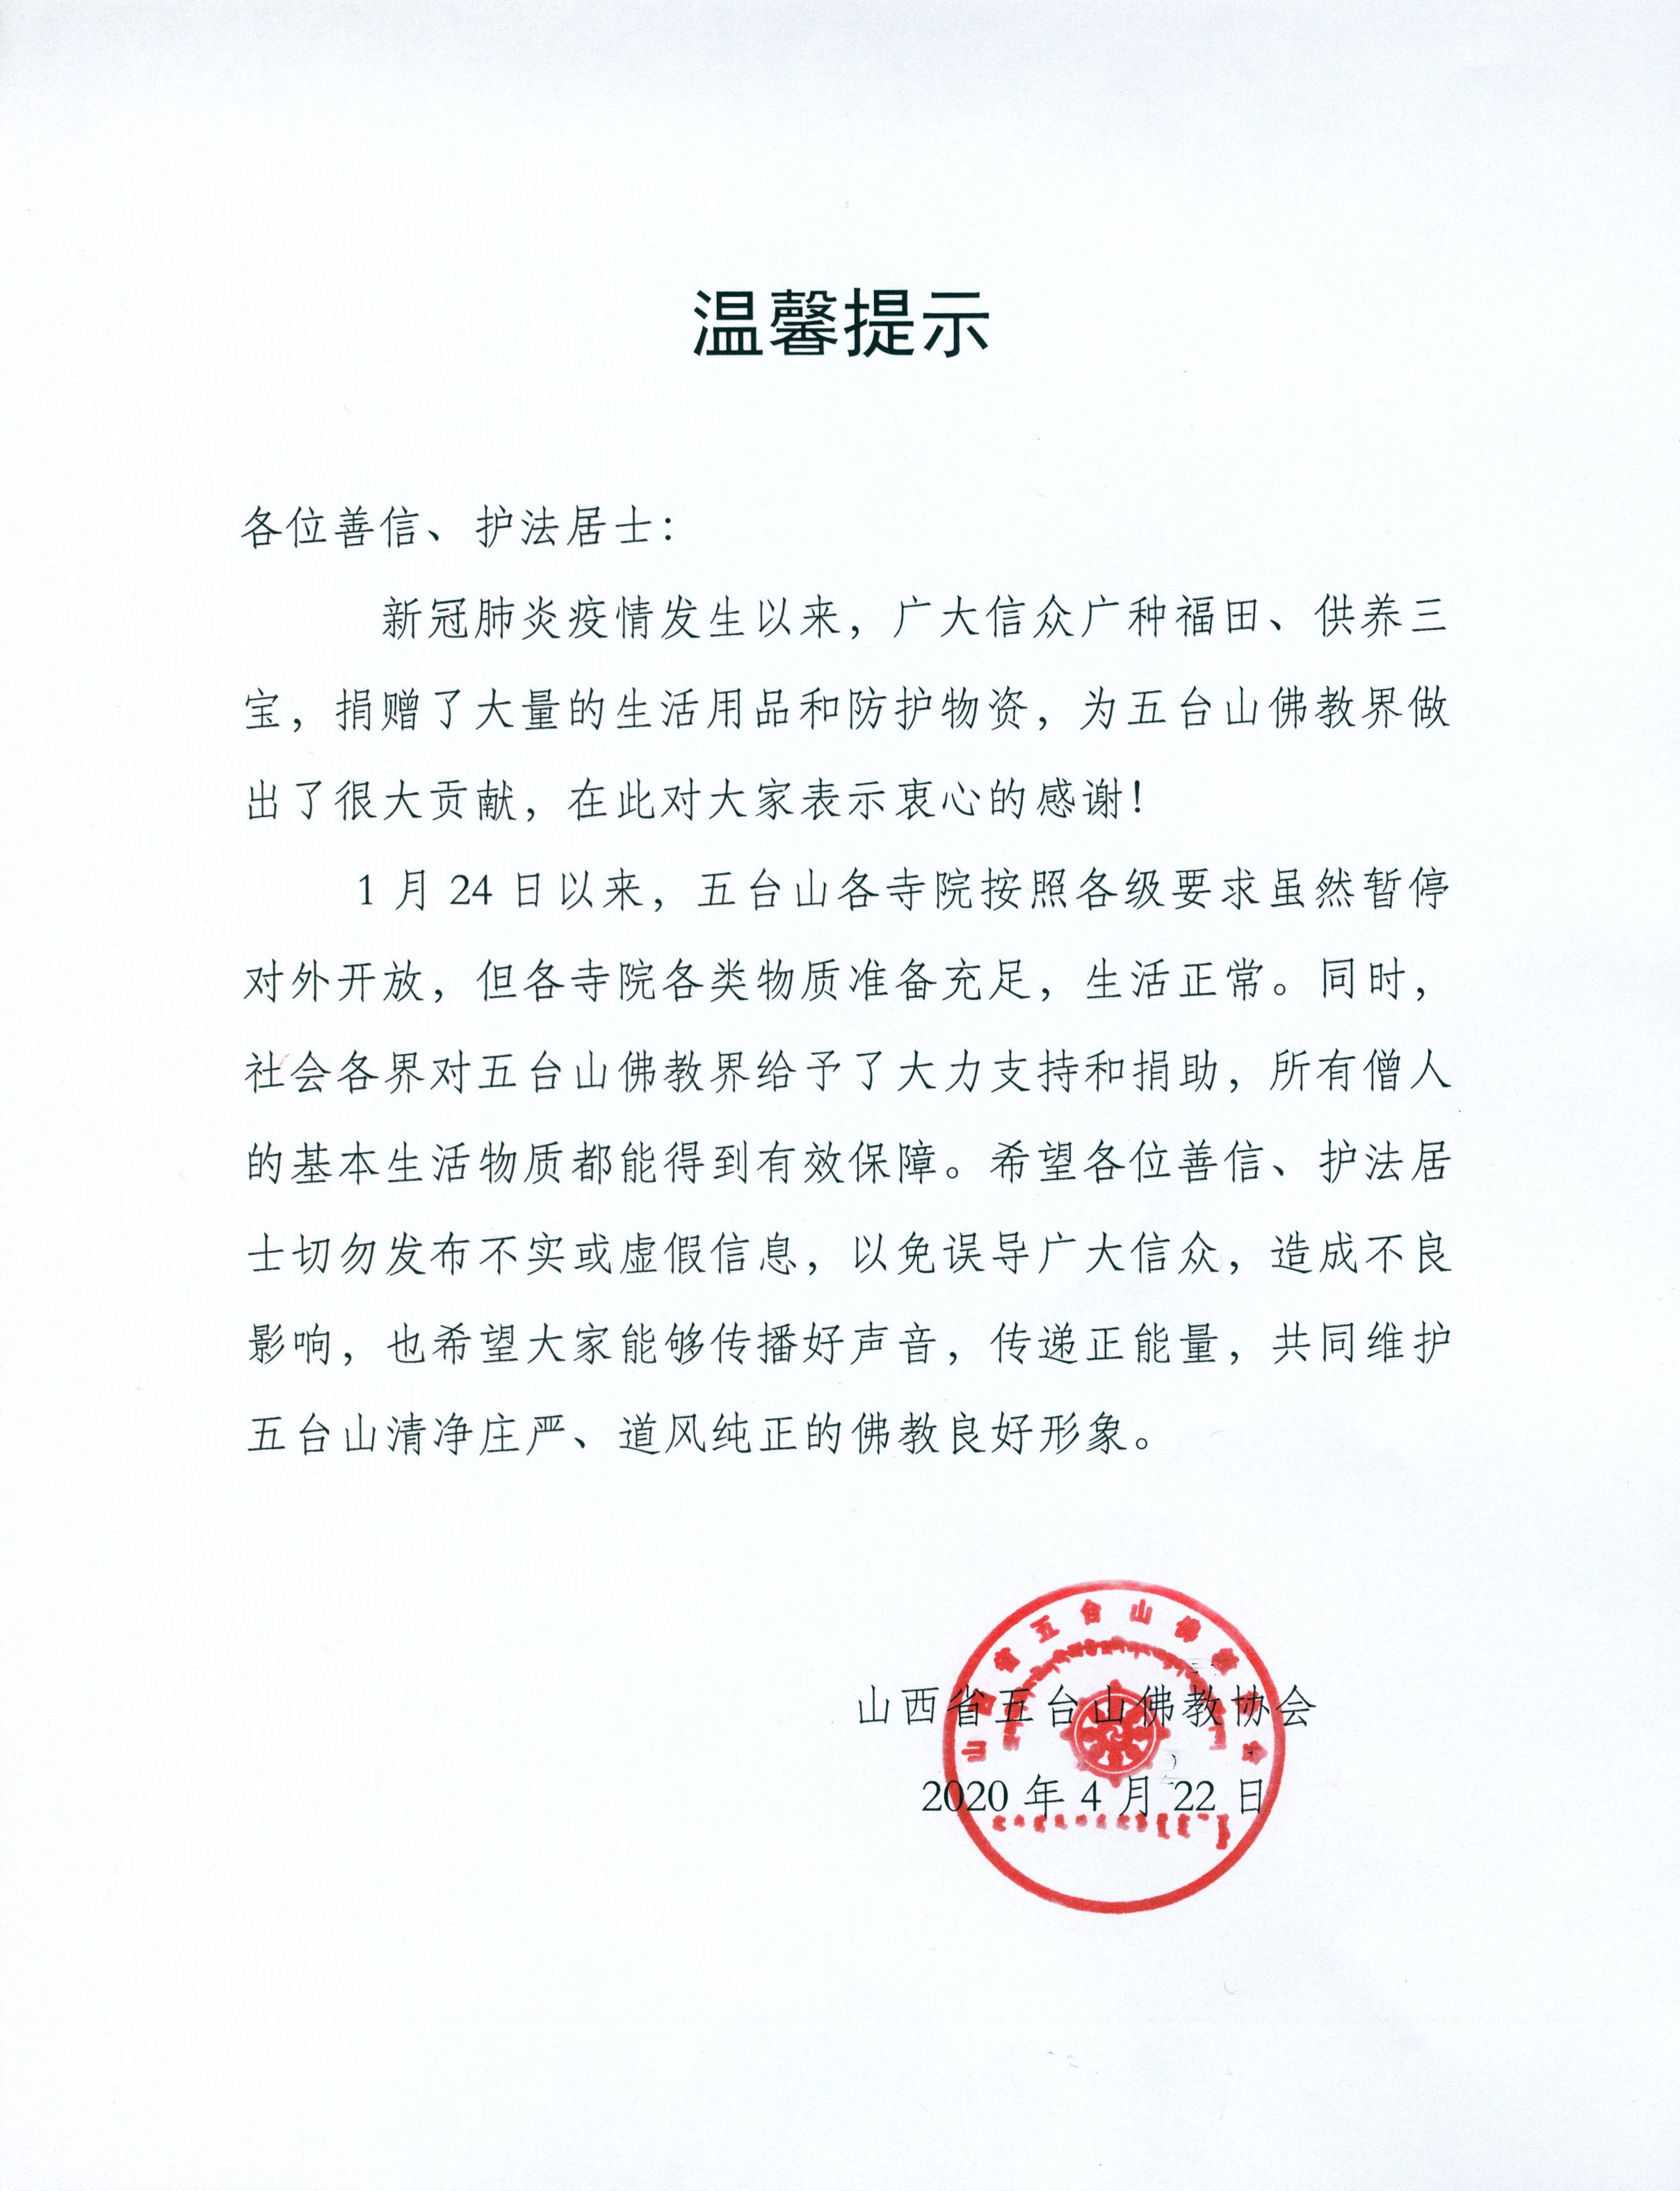 五台山佛教协会丨温馨提示